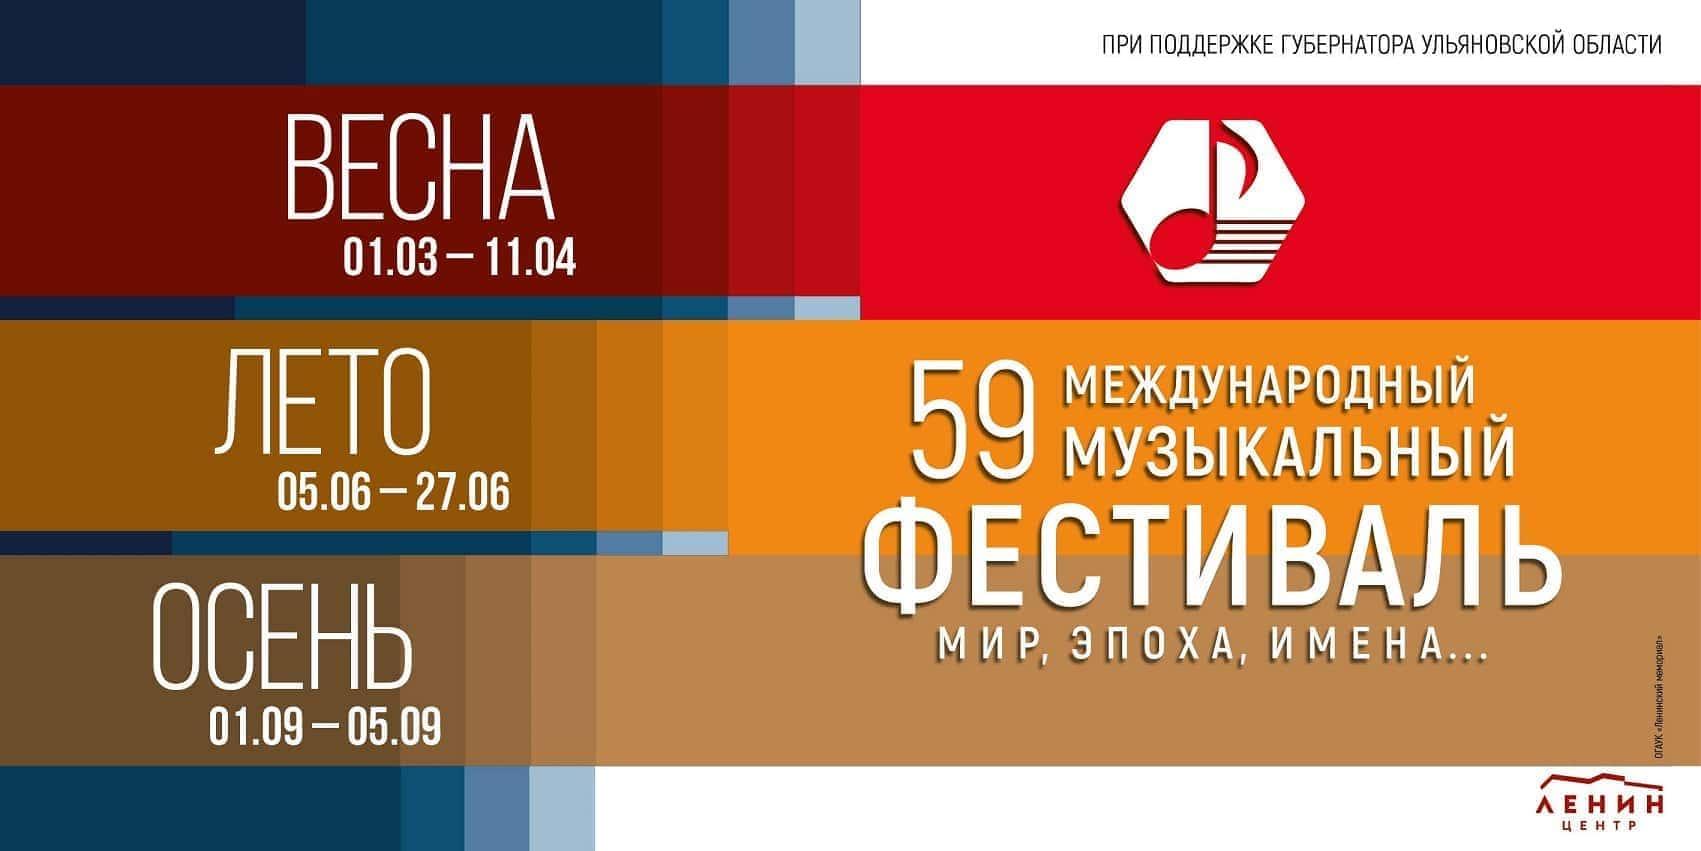 59-й Международный музыкальный фестиваль «Мир, Эпоха, Имена…»